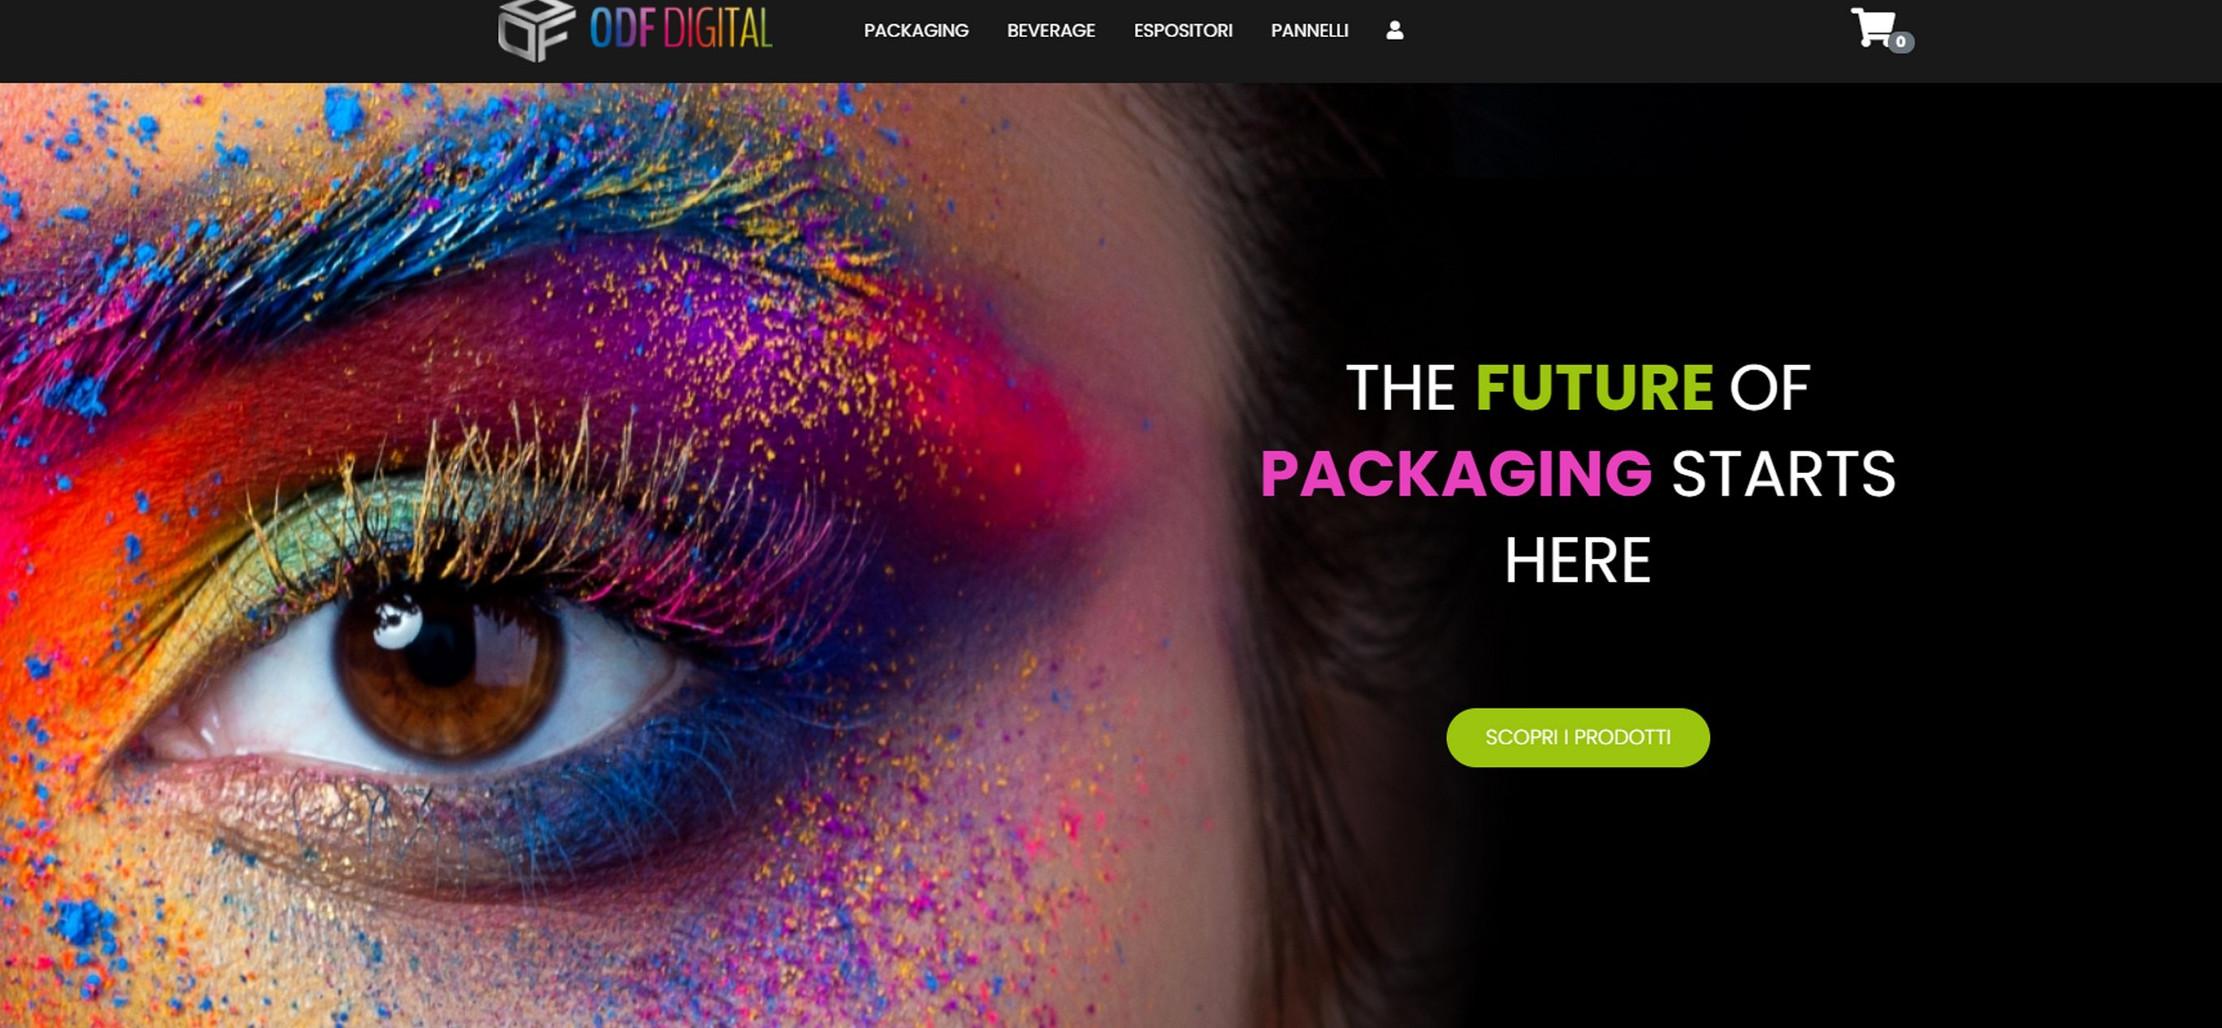 ODF Digital Durst packaging